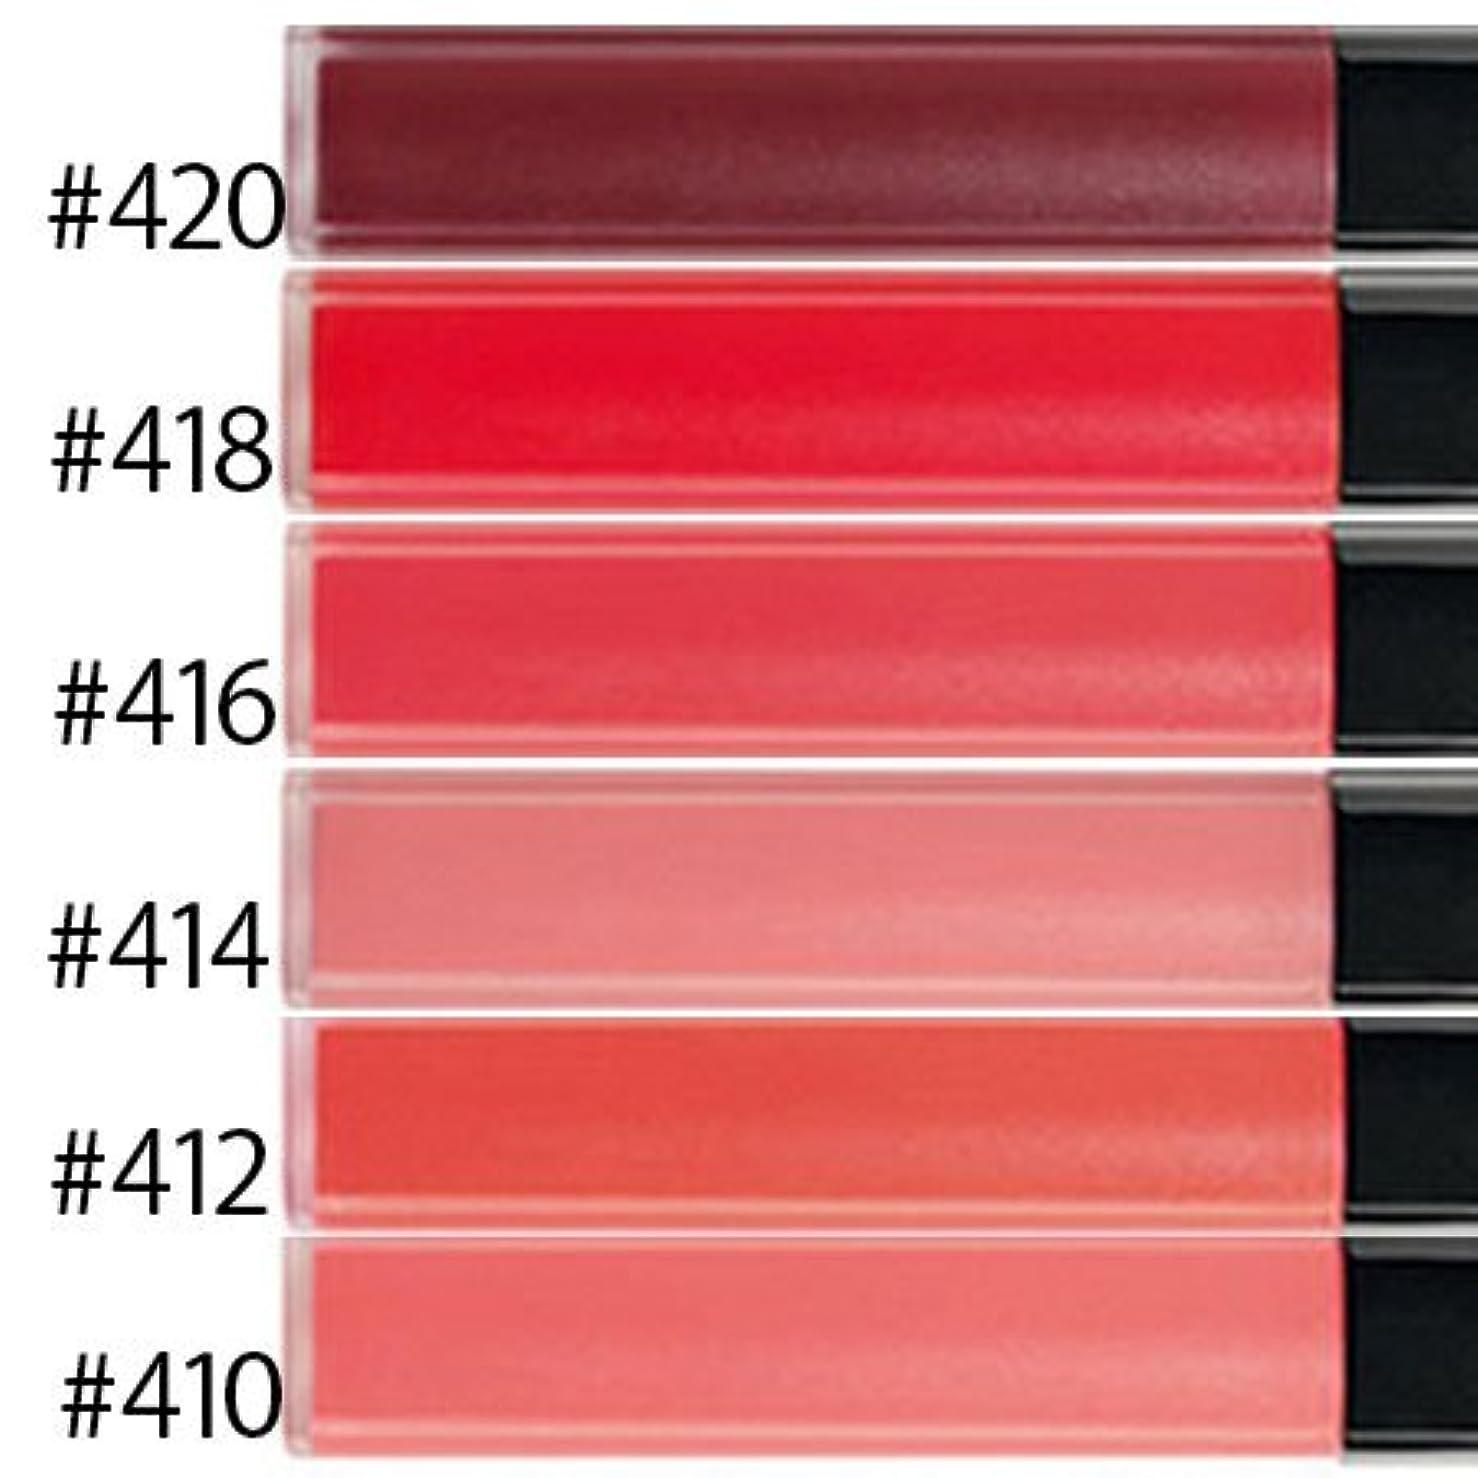 安西セールファセットシャネル ルージュ ココ リップ ブラッシュ 5.5g 全6色 -CHANEL- 410